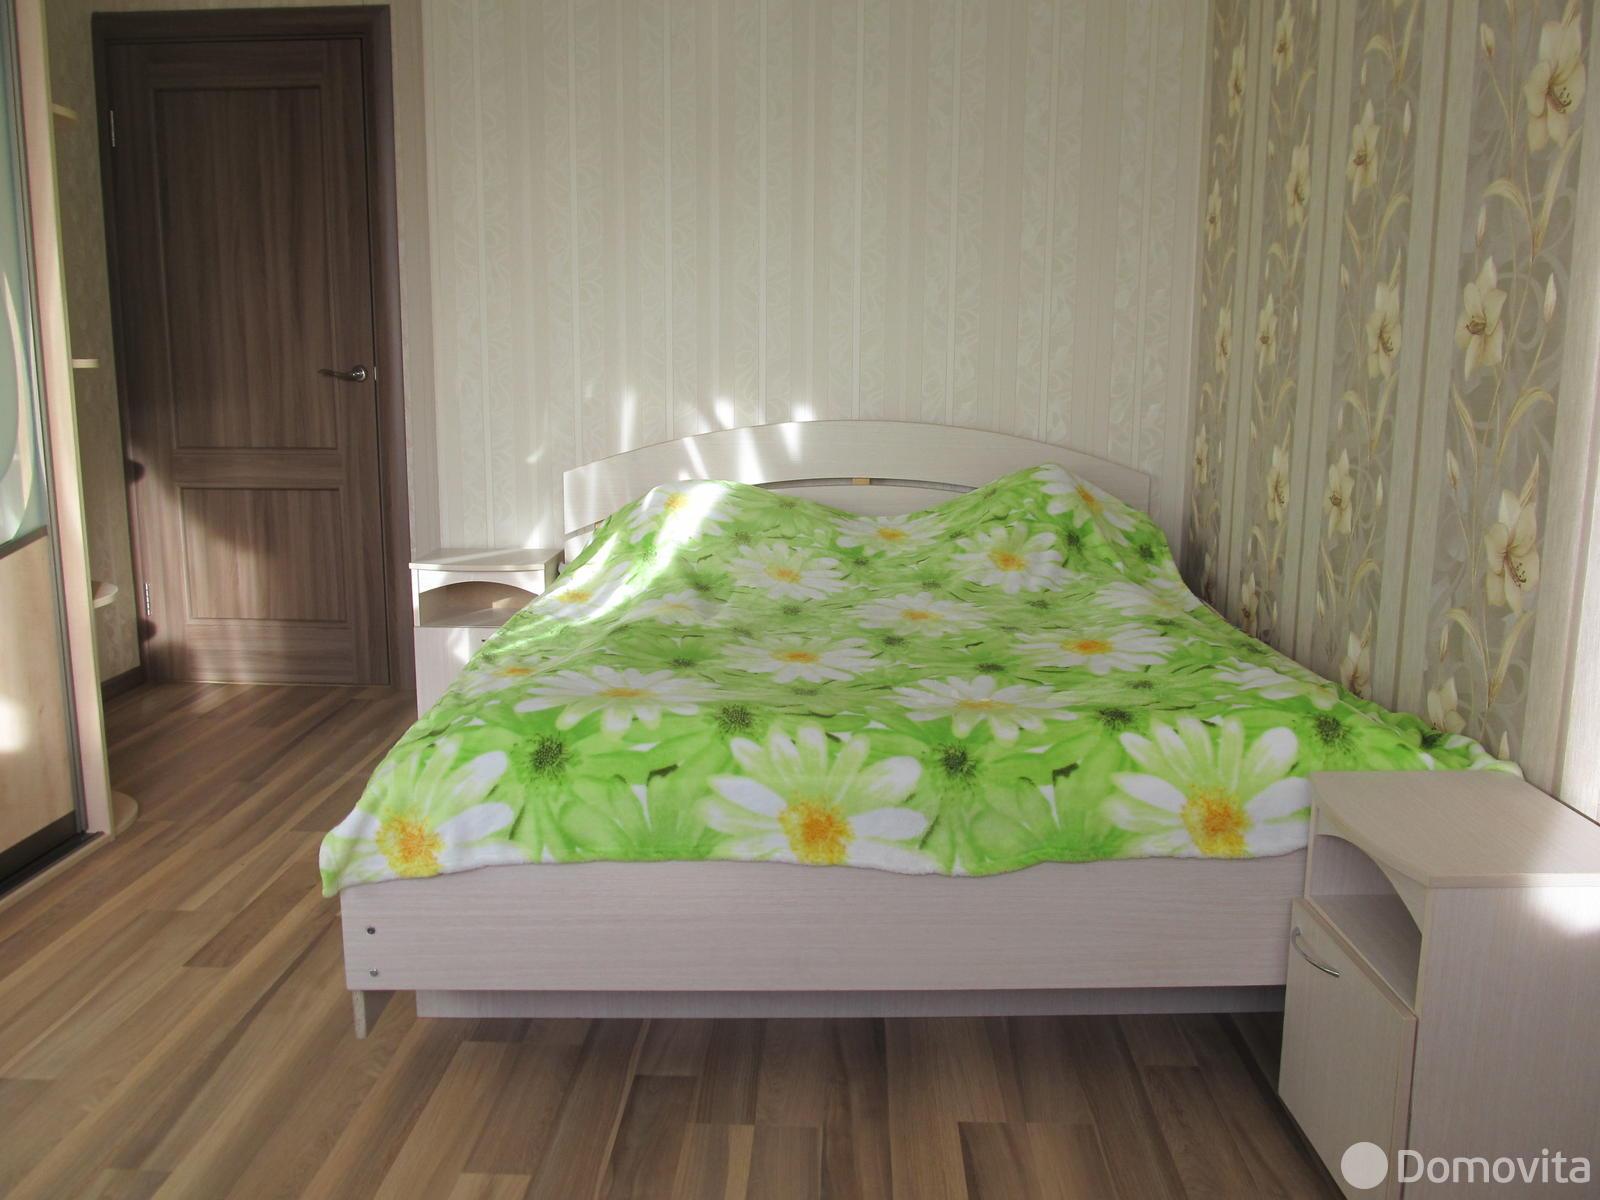 2-комнатная квартира на сутки в Минске, ул. Неманская, д. 6 - фото 6